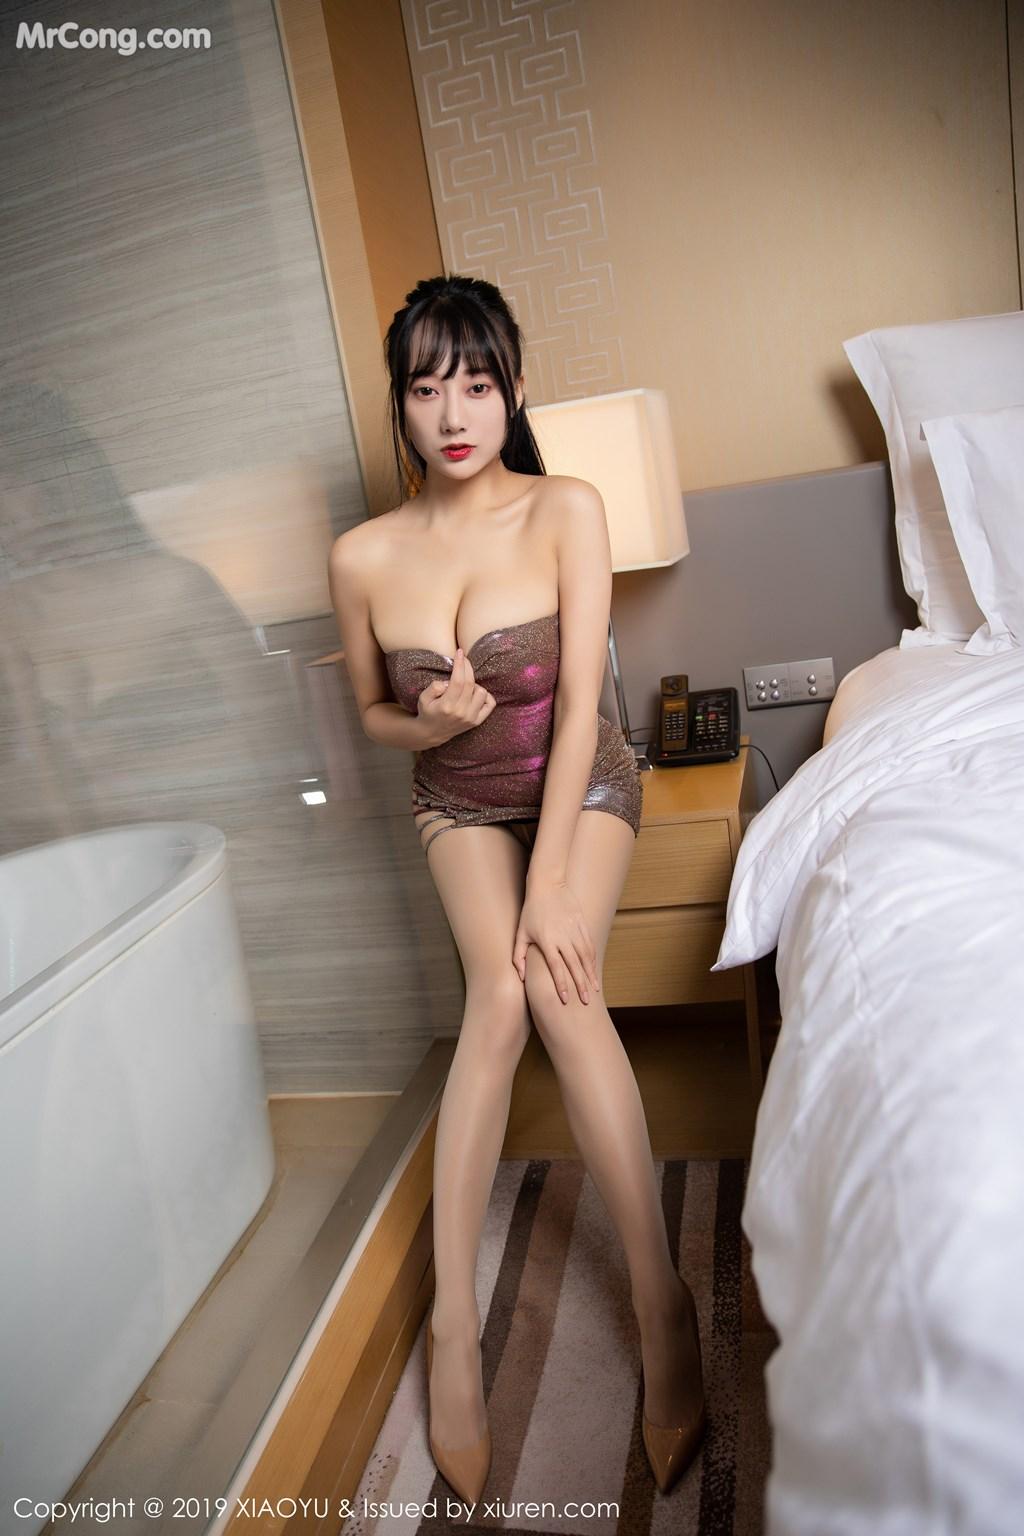 XiaoYu Vol.159: He Jia Ying (何嘉颖) (69P)